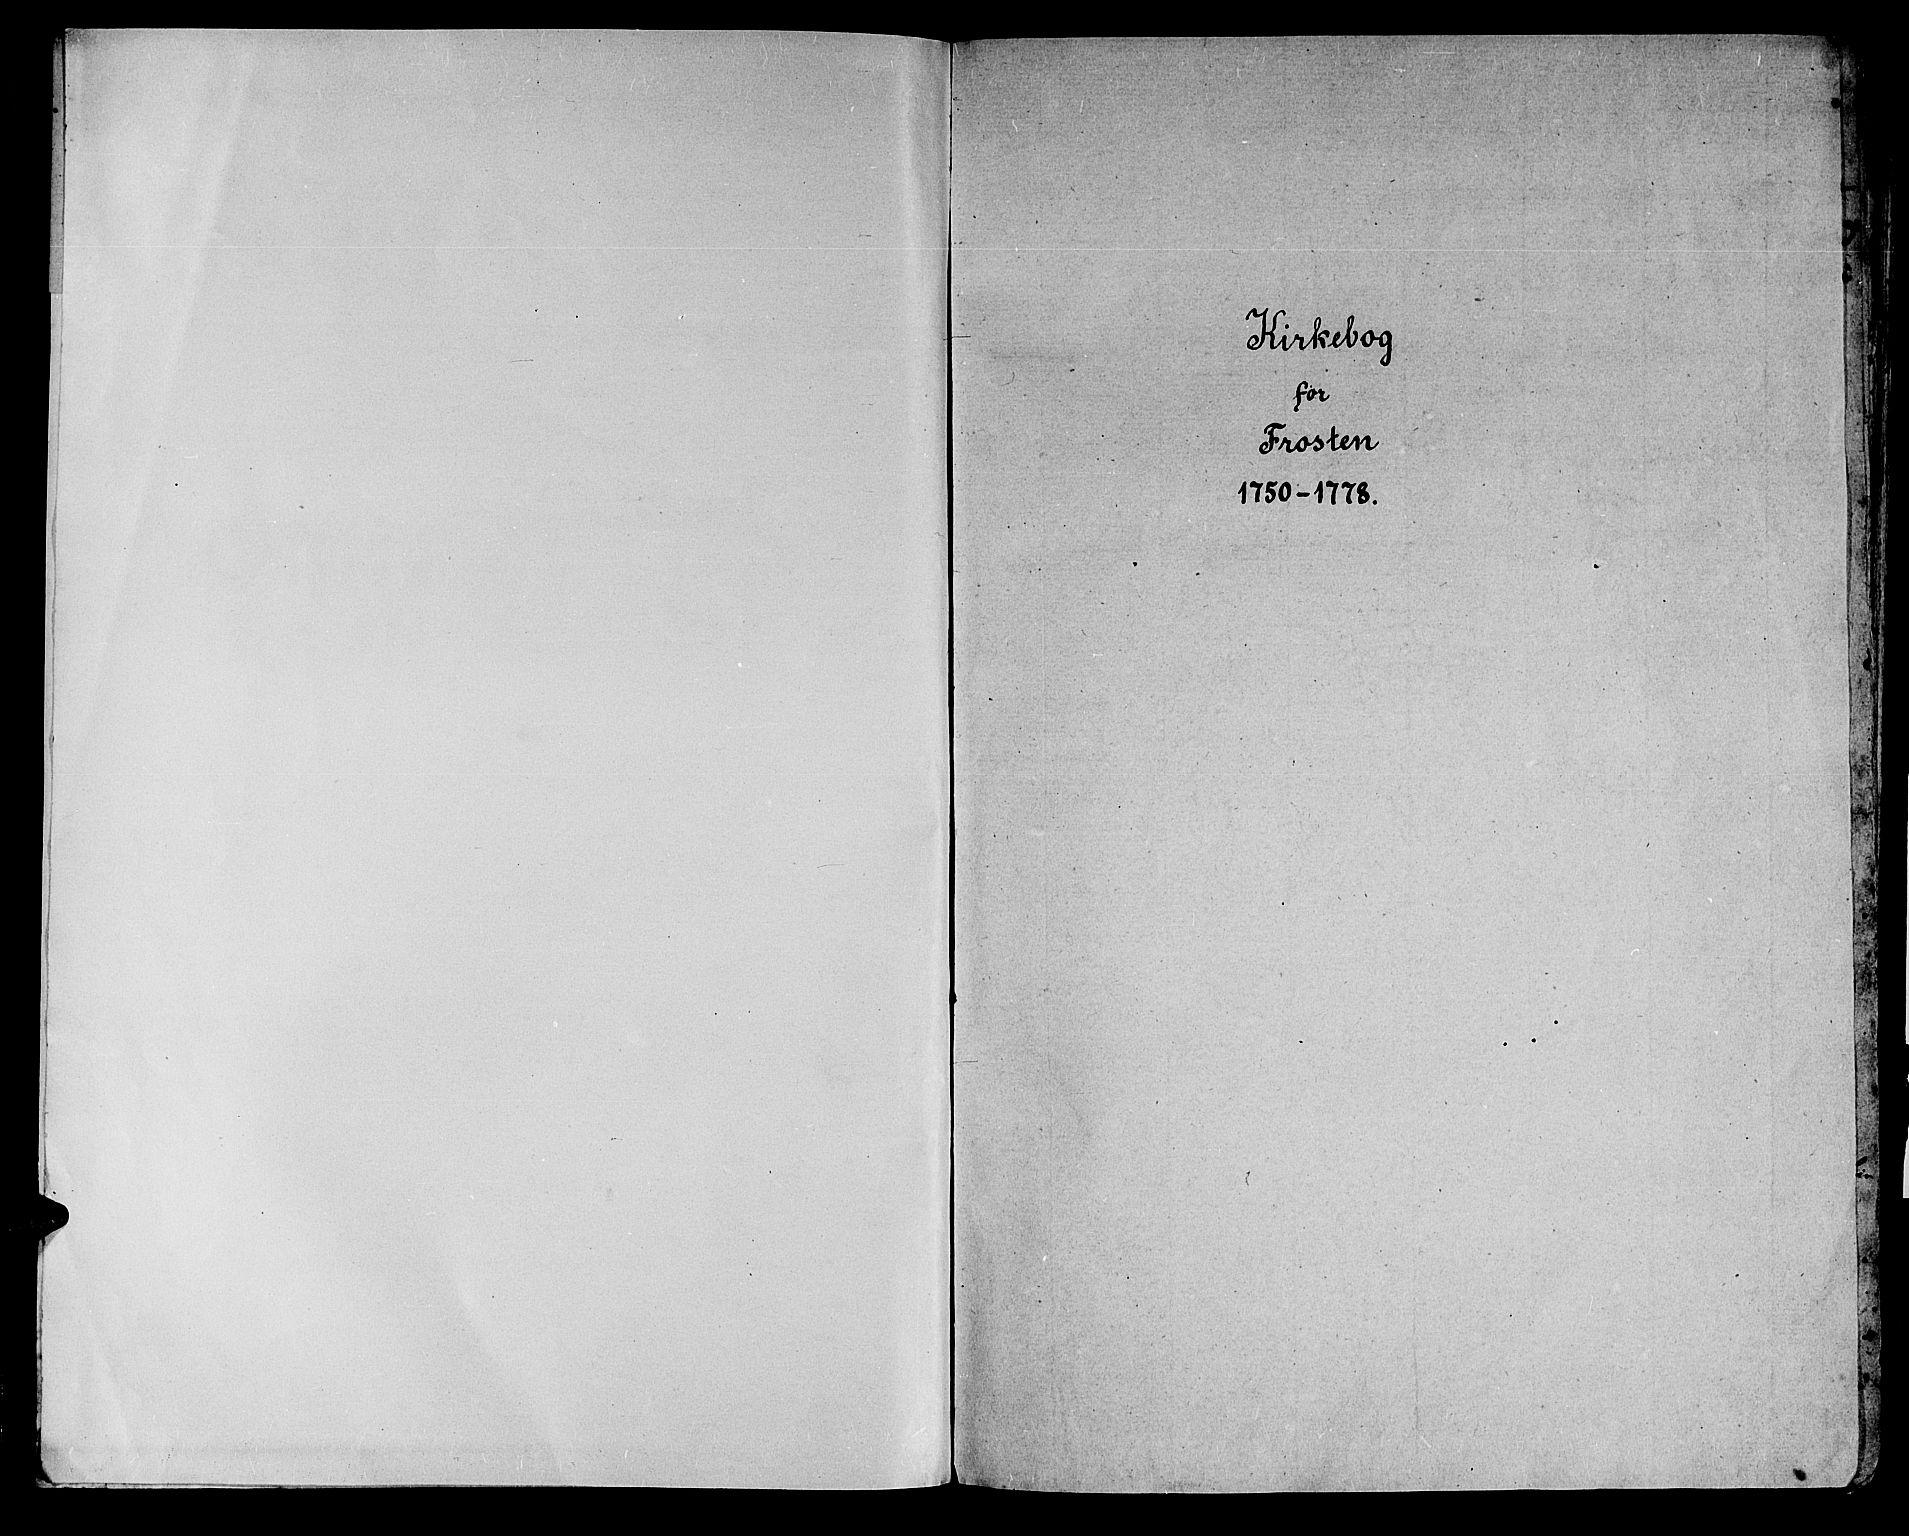 SAT, Ministerialprotokoller, klokkerbøker og fødselsregistre - Nord-Trøndelag, 713/L0109: Ministerialbok nr. 713A01, 1750-1778